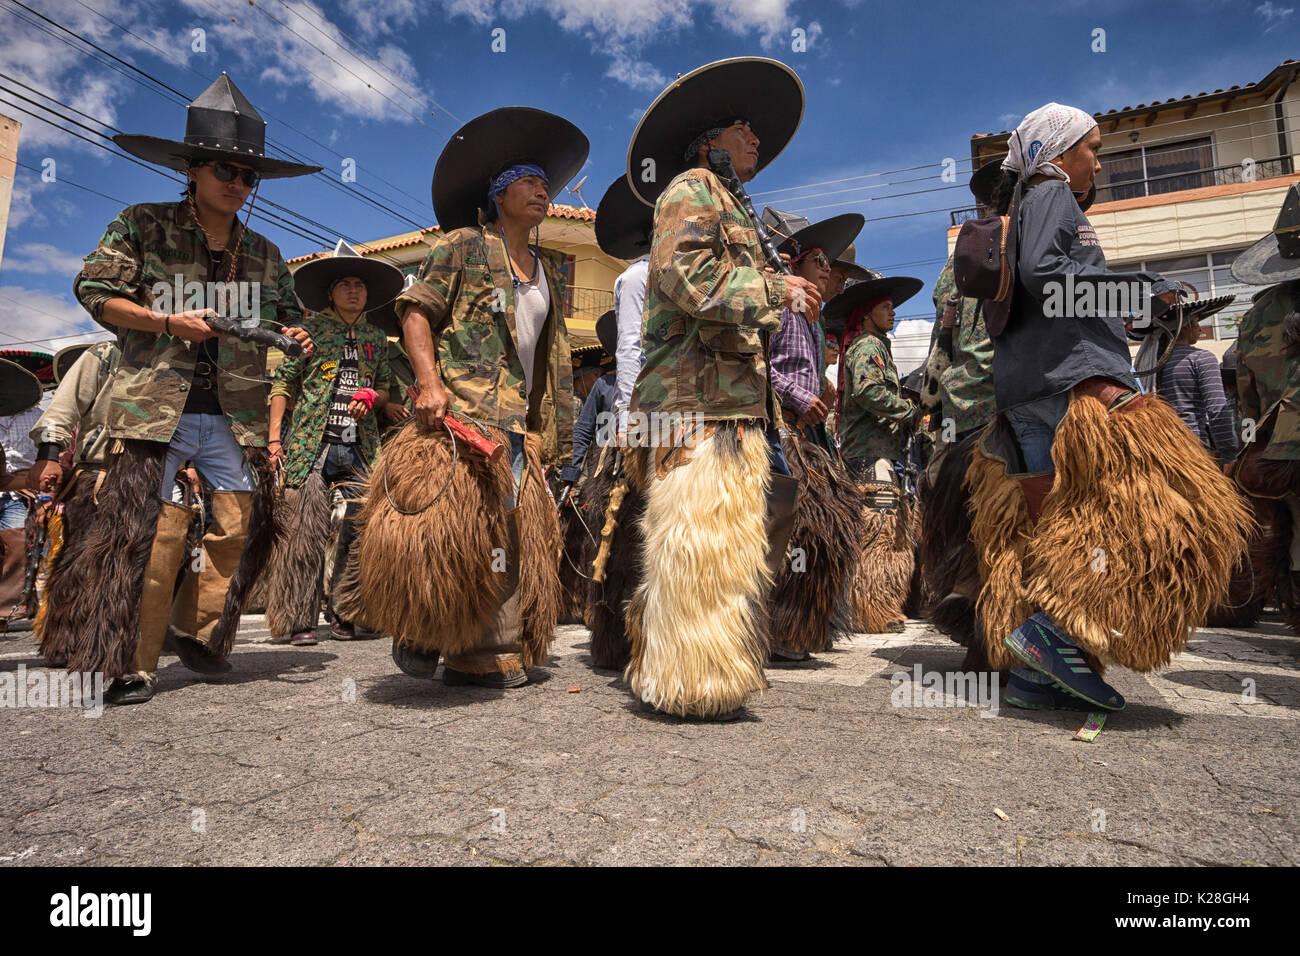 Junio 25, 2017 Cotacachi, Ecuador: ángulo de visión baja de hombres vestidos de indígenas quechua chaps al Inti Raymi Imagen De Stock